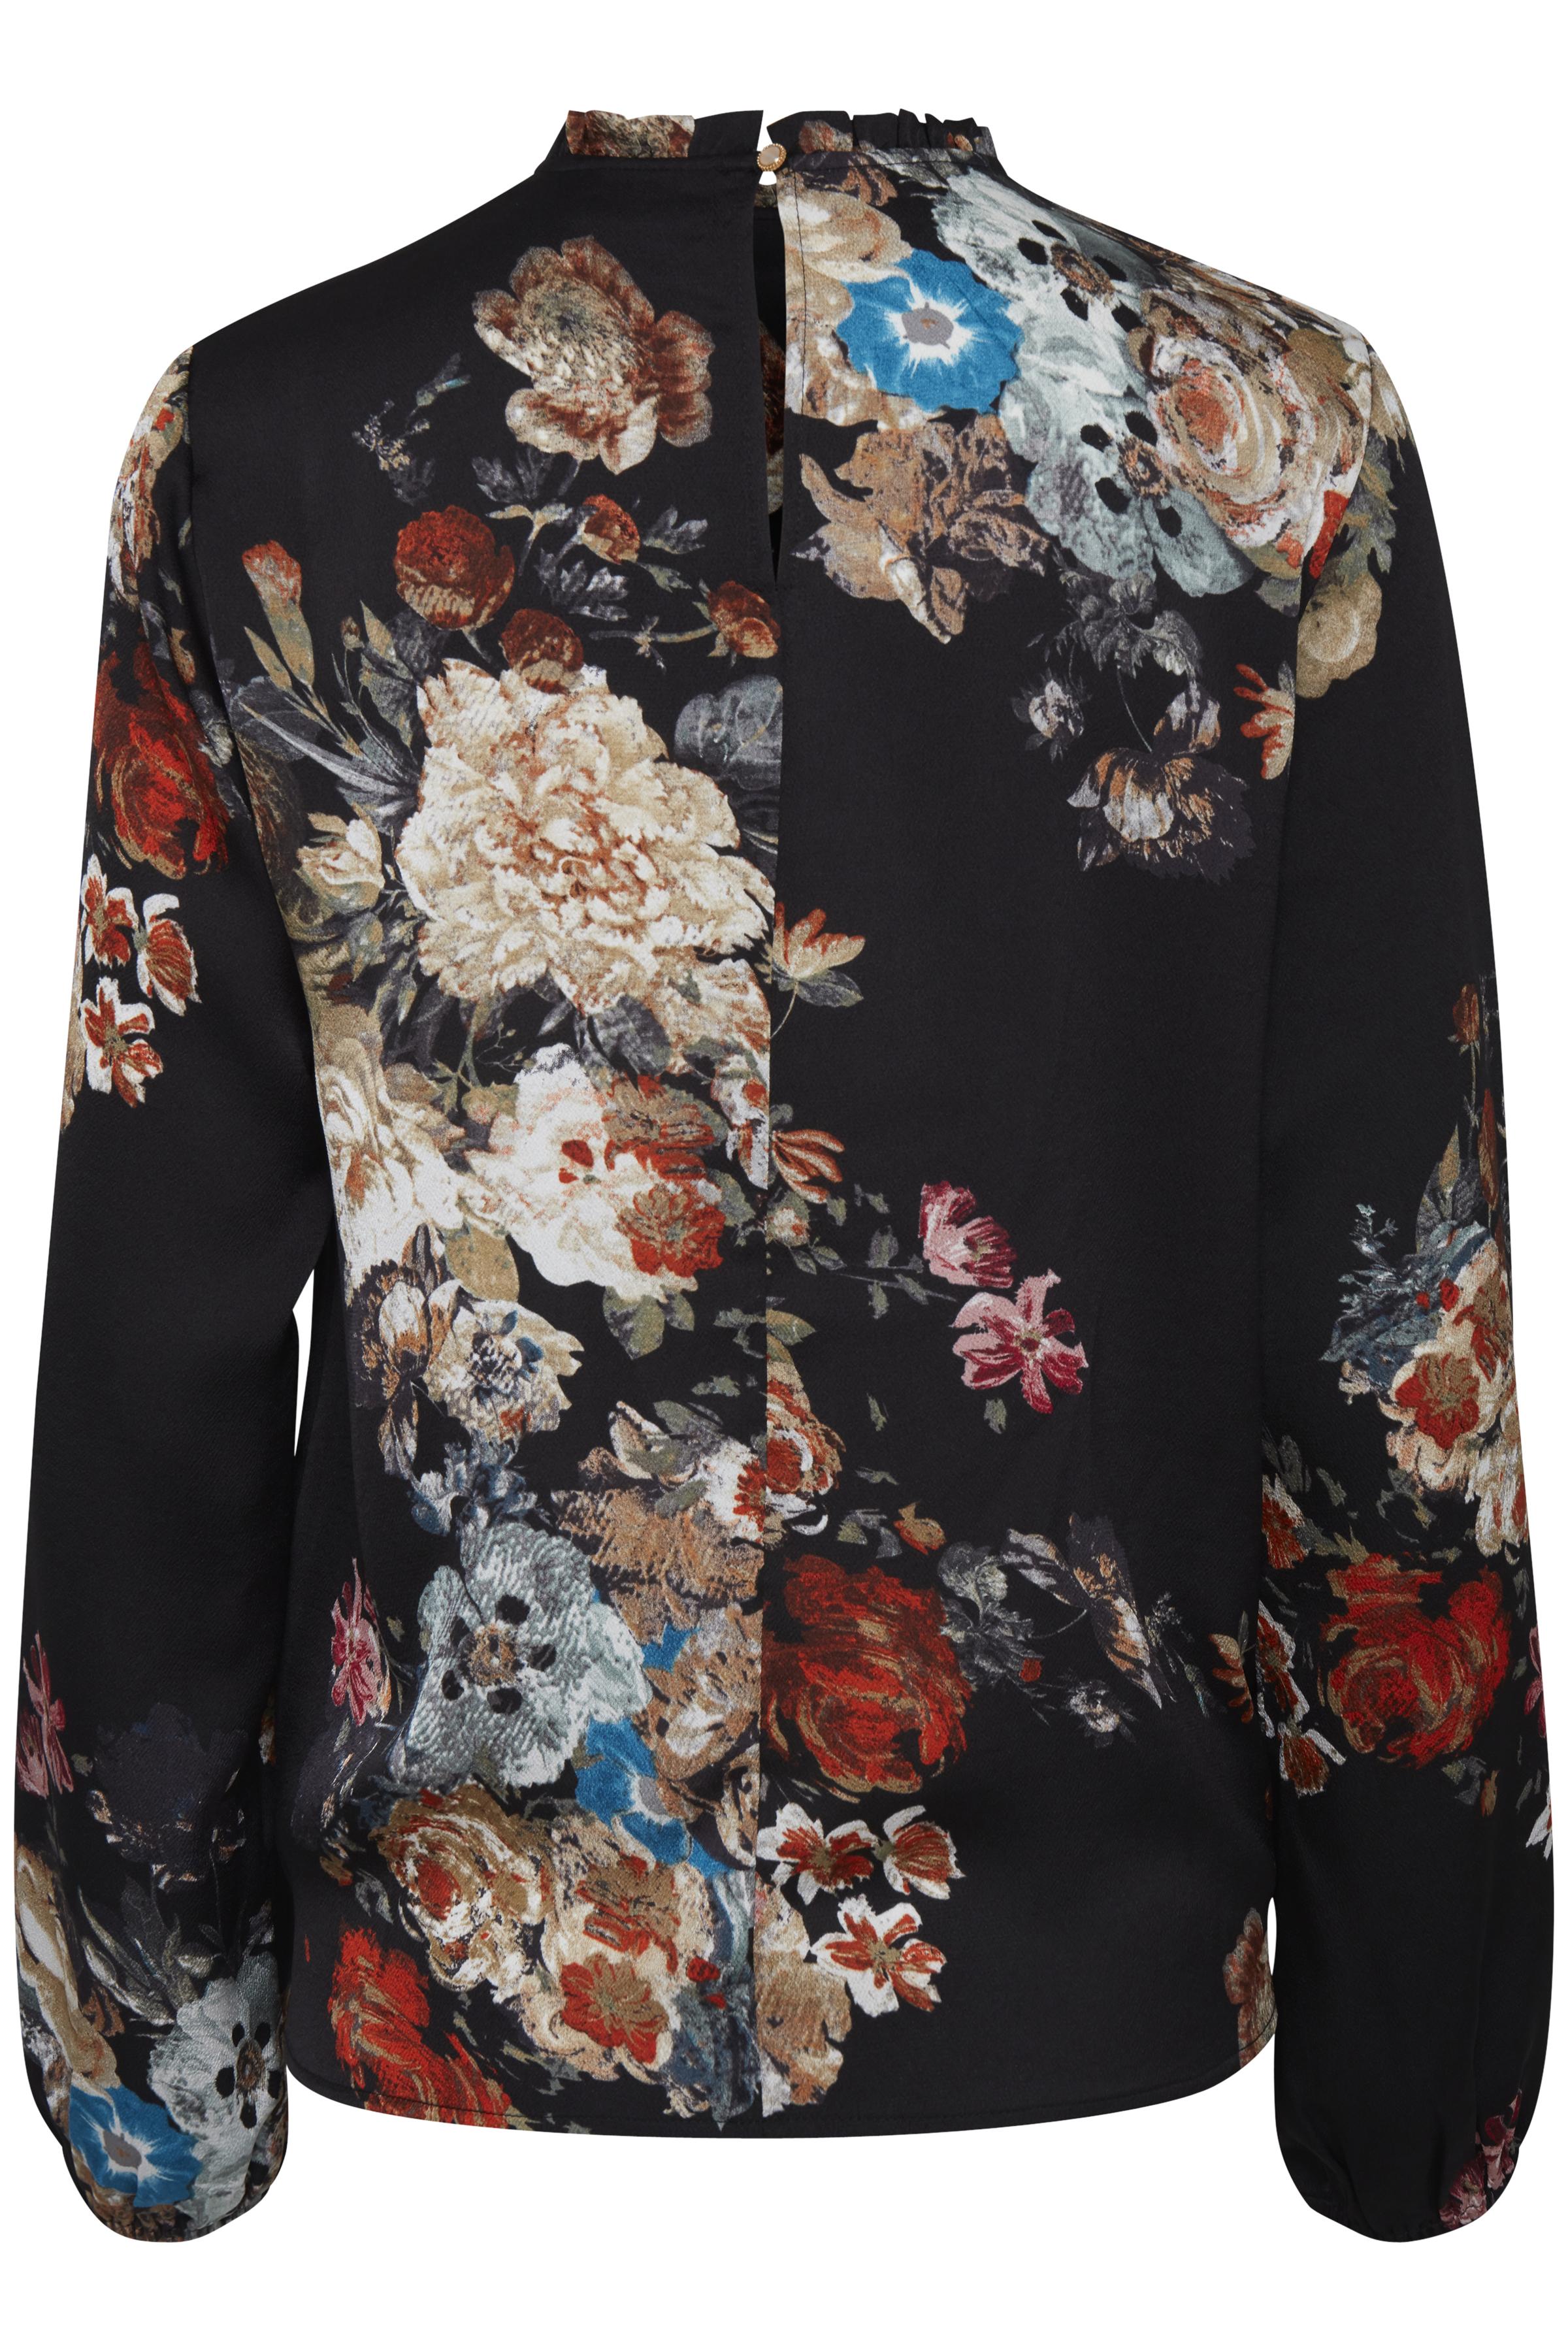 Black combi 1 Langærmet bluse fra b.young – Køb Black combi 1 Langærmet bluse fra str. 34-46 her